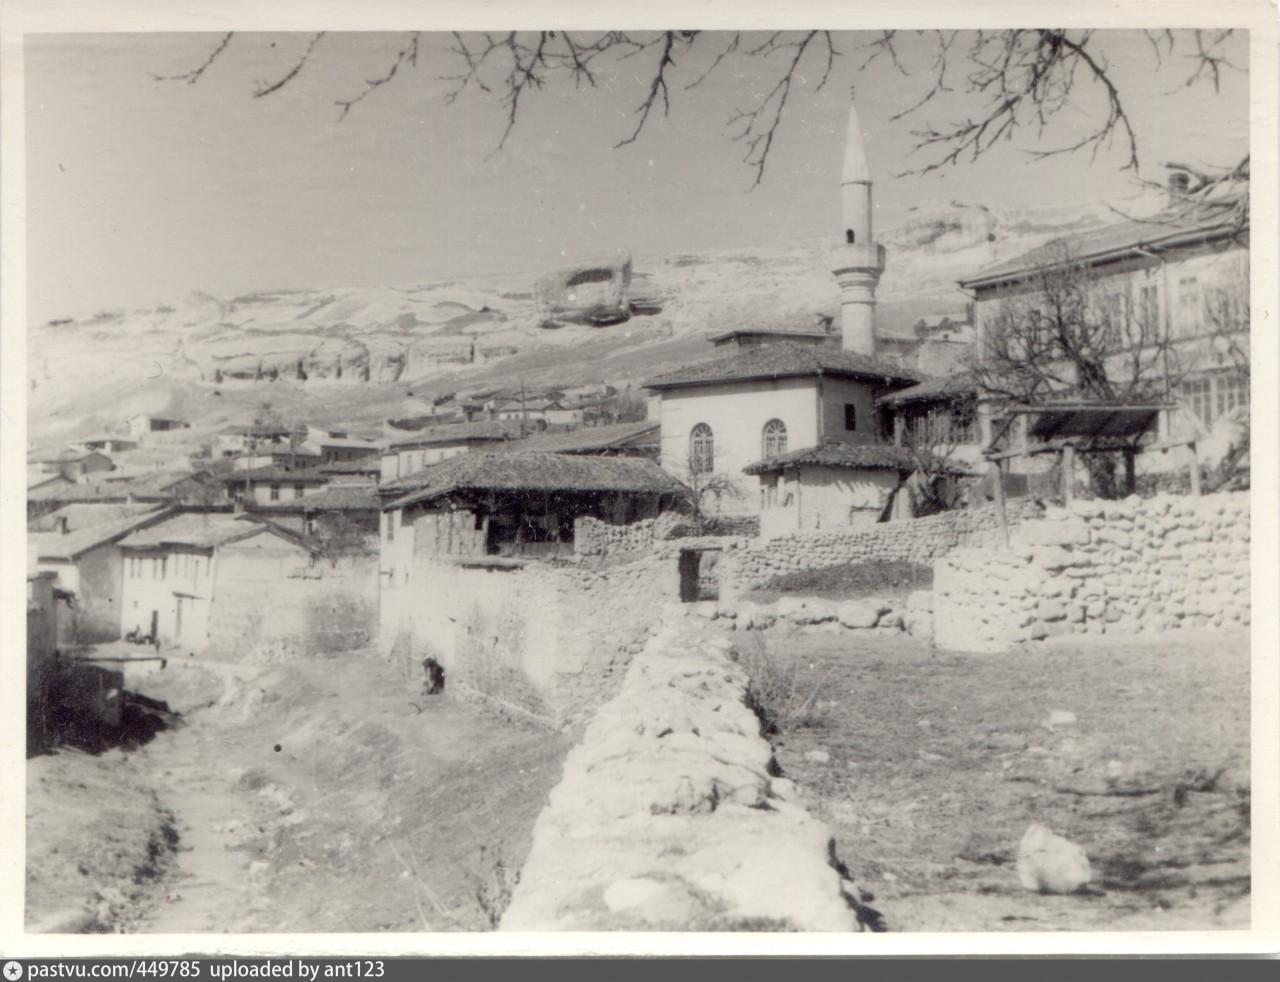 Мечеть Тахталы-Джами в Бахчисарае. Фото 1941-1943 гг